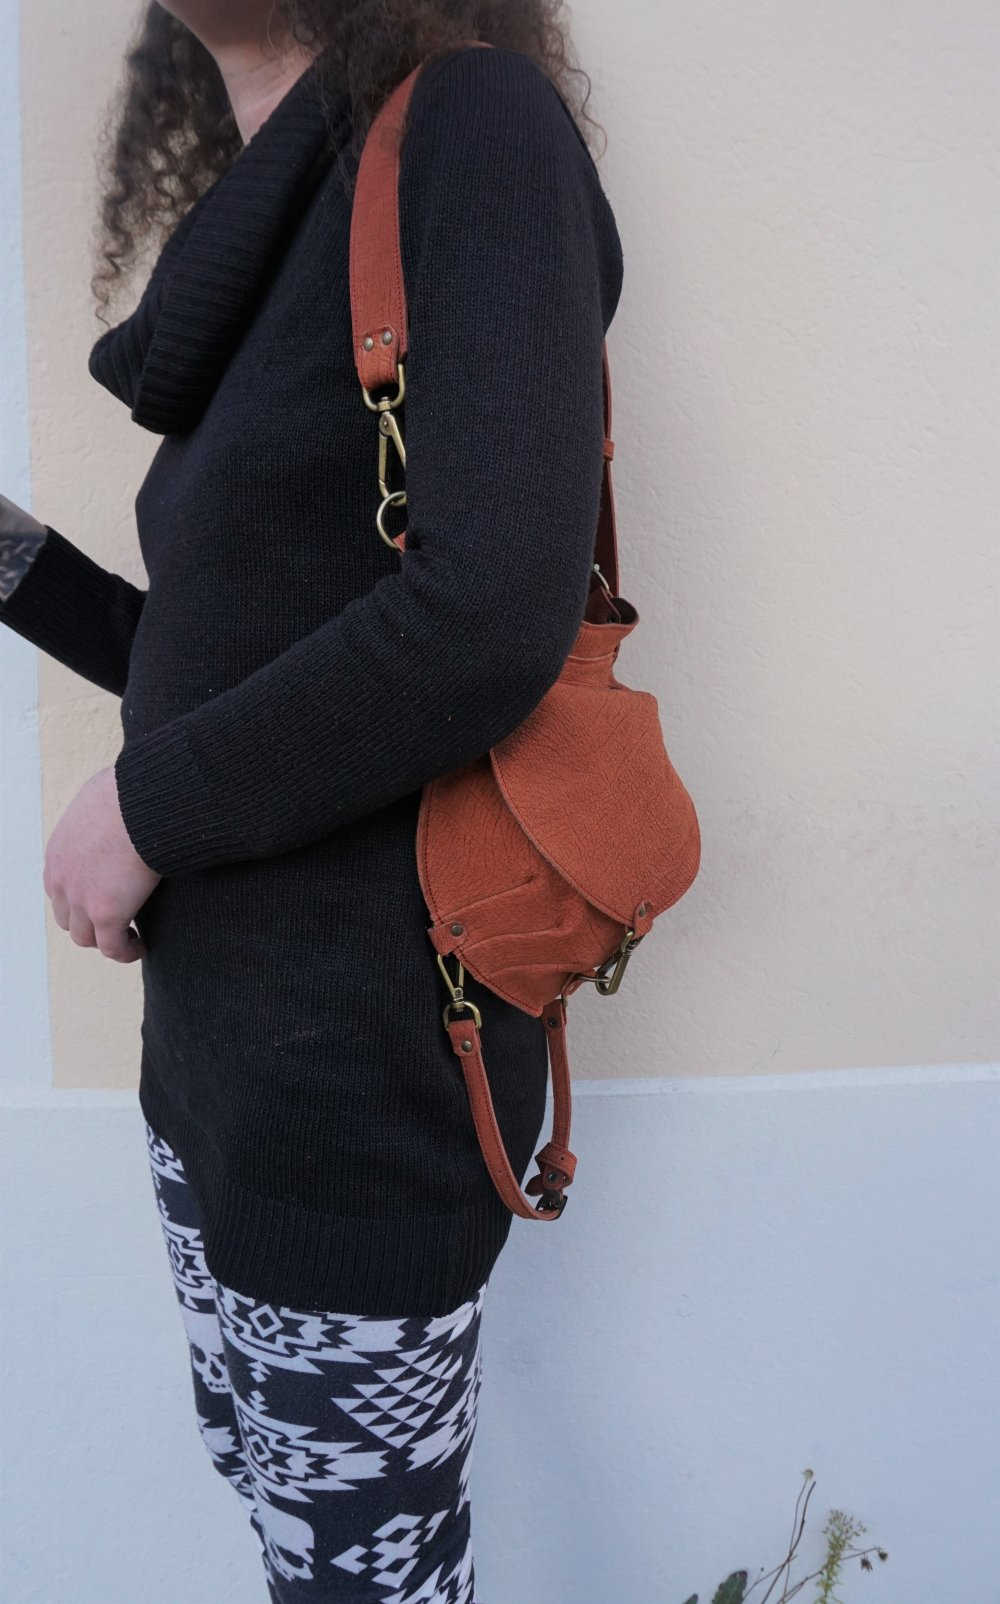 sacoche festival cuir ; Sacoche de hanche cuir ; ceinture utilitaire ; idée cadeau pour voyage ; 20.02